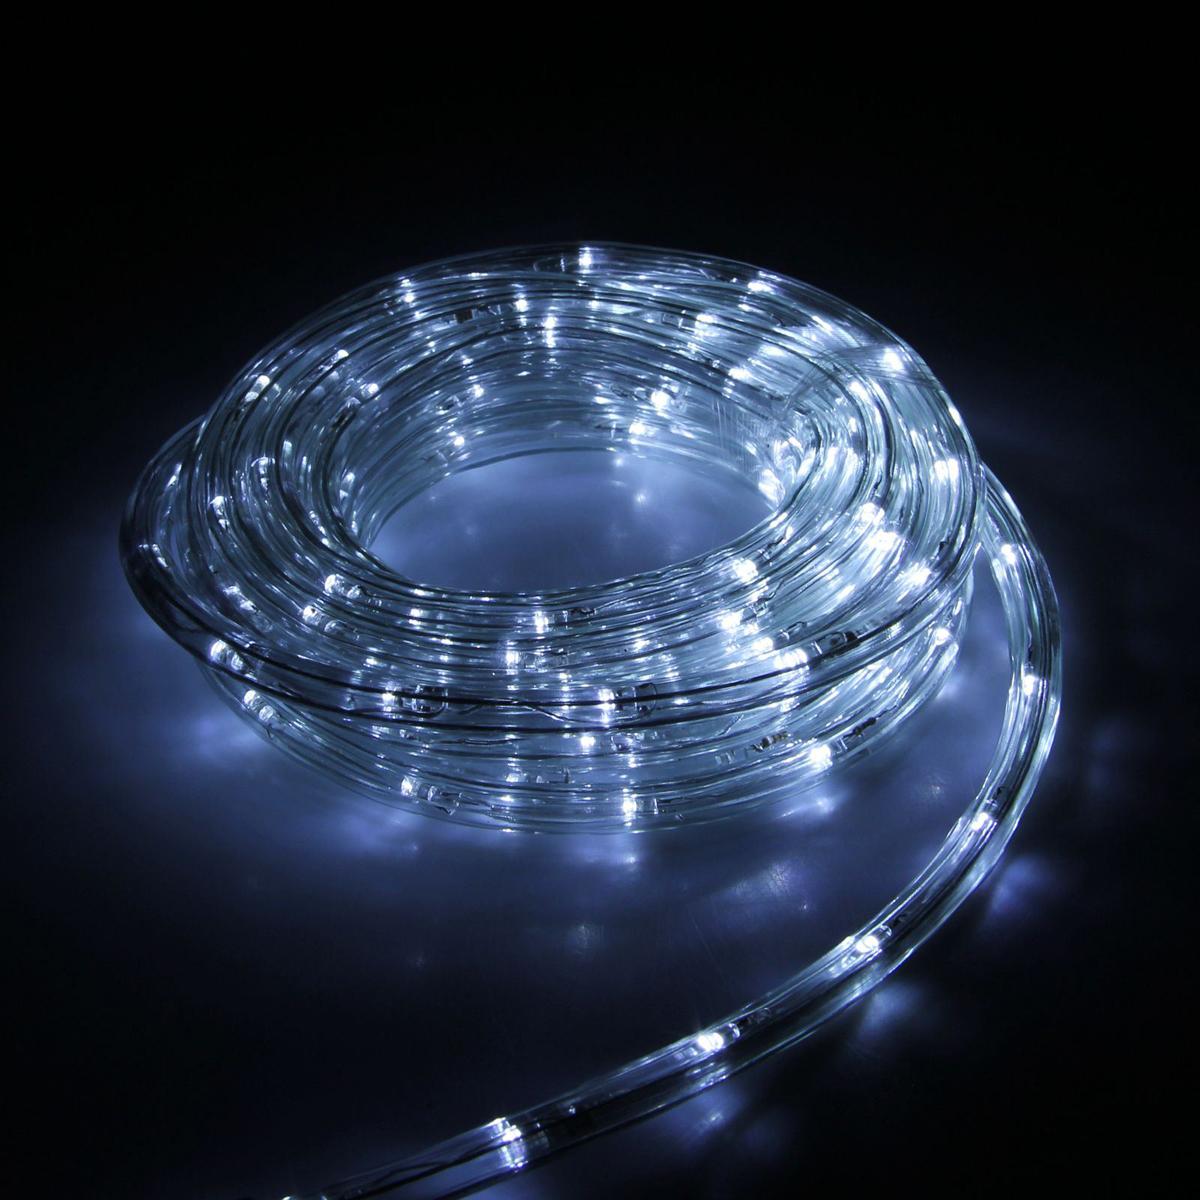 Гирлянда светодиодная Luazon, 240 ламп, 8 режимов, 220 V, цвет: белый, 1 см х 10 м. 15898251589825Светодиодные гирлянды, ленты и т.д — это отличный вариант для новогоднего оформления интерьера или фасада. С их помощью помещение любого размера можно превратить в праздничный зал, а внешние элементы зданий, украшенные ими, мгновенно станут напоминать очертания сказочного дворца. Такие украшения создают ауру предвкушения чуда. Деревья, фасады, витрины, окна и арки будто специально созданы, чтобы вы украсили их светящимися нитями.